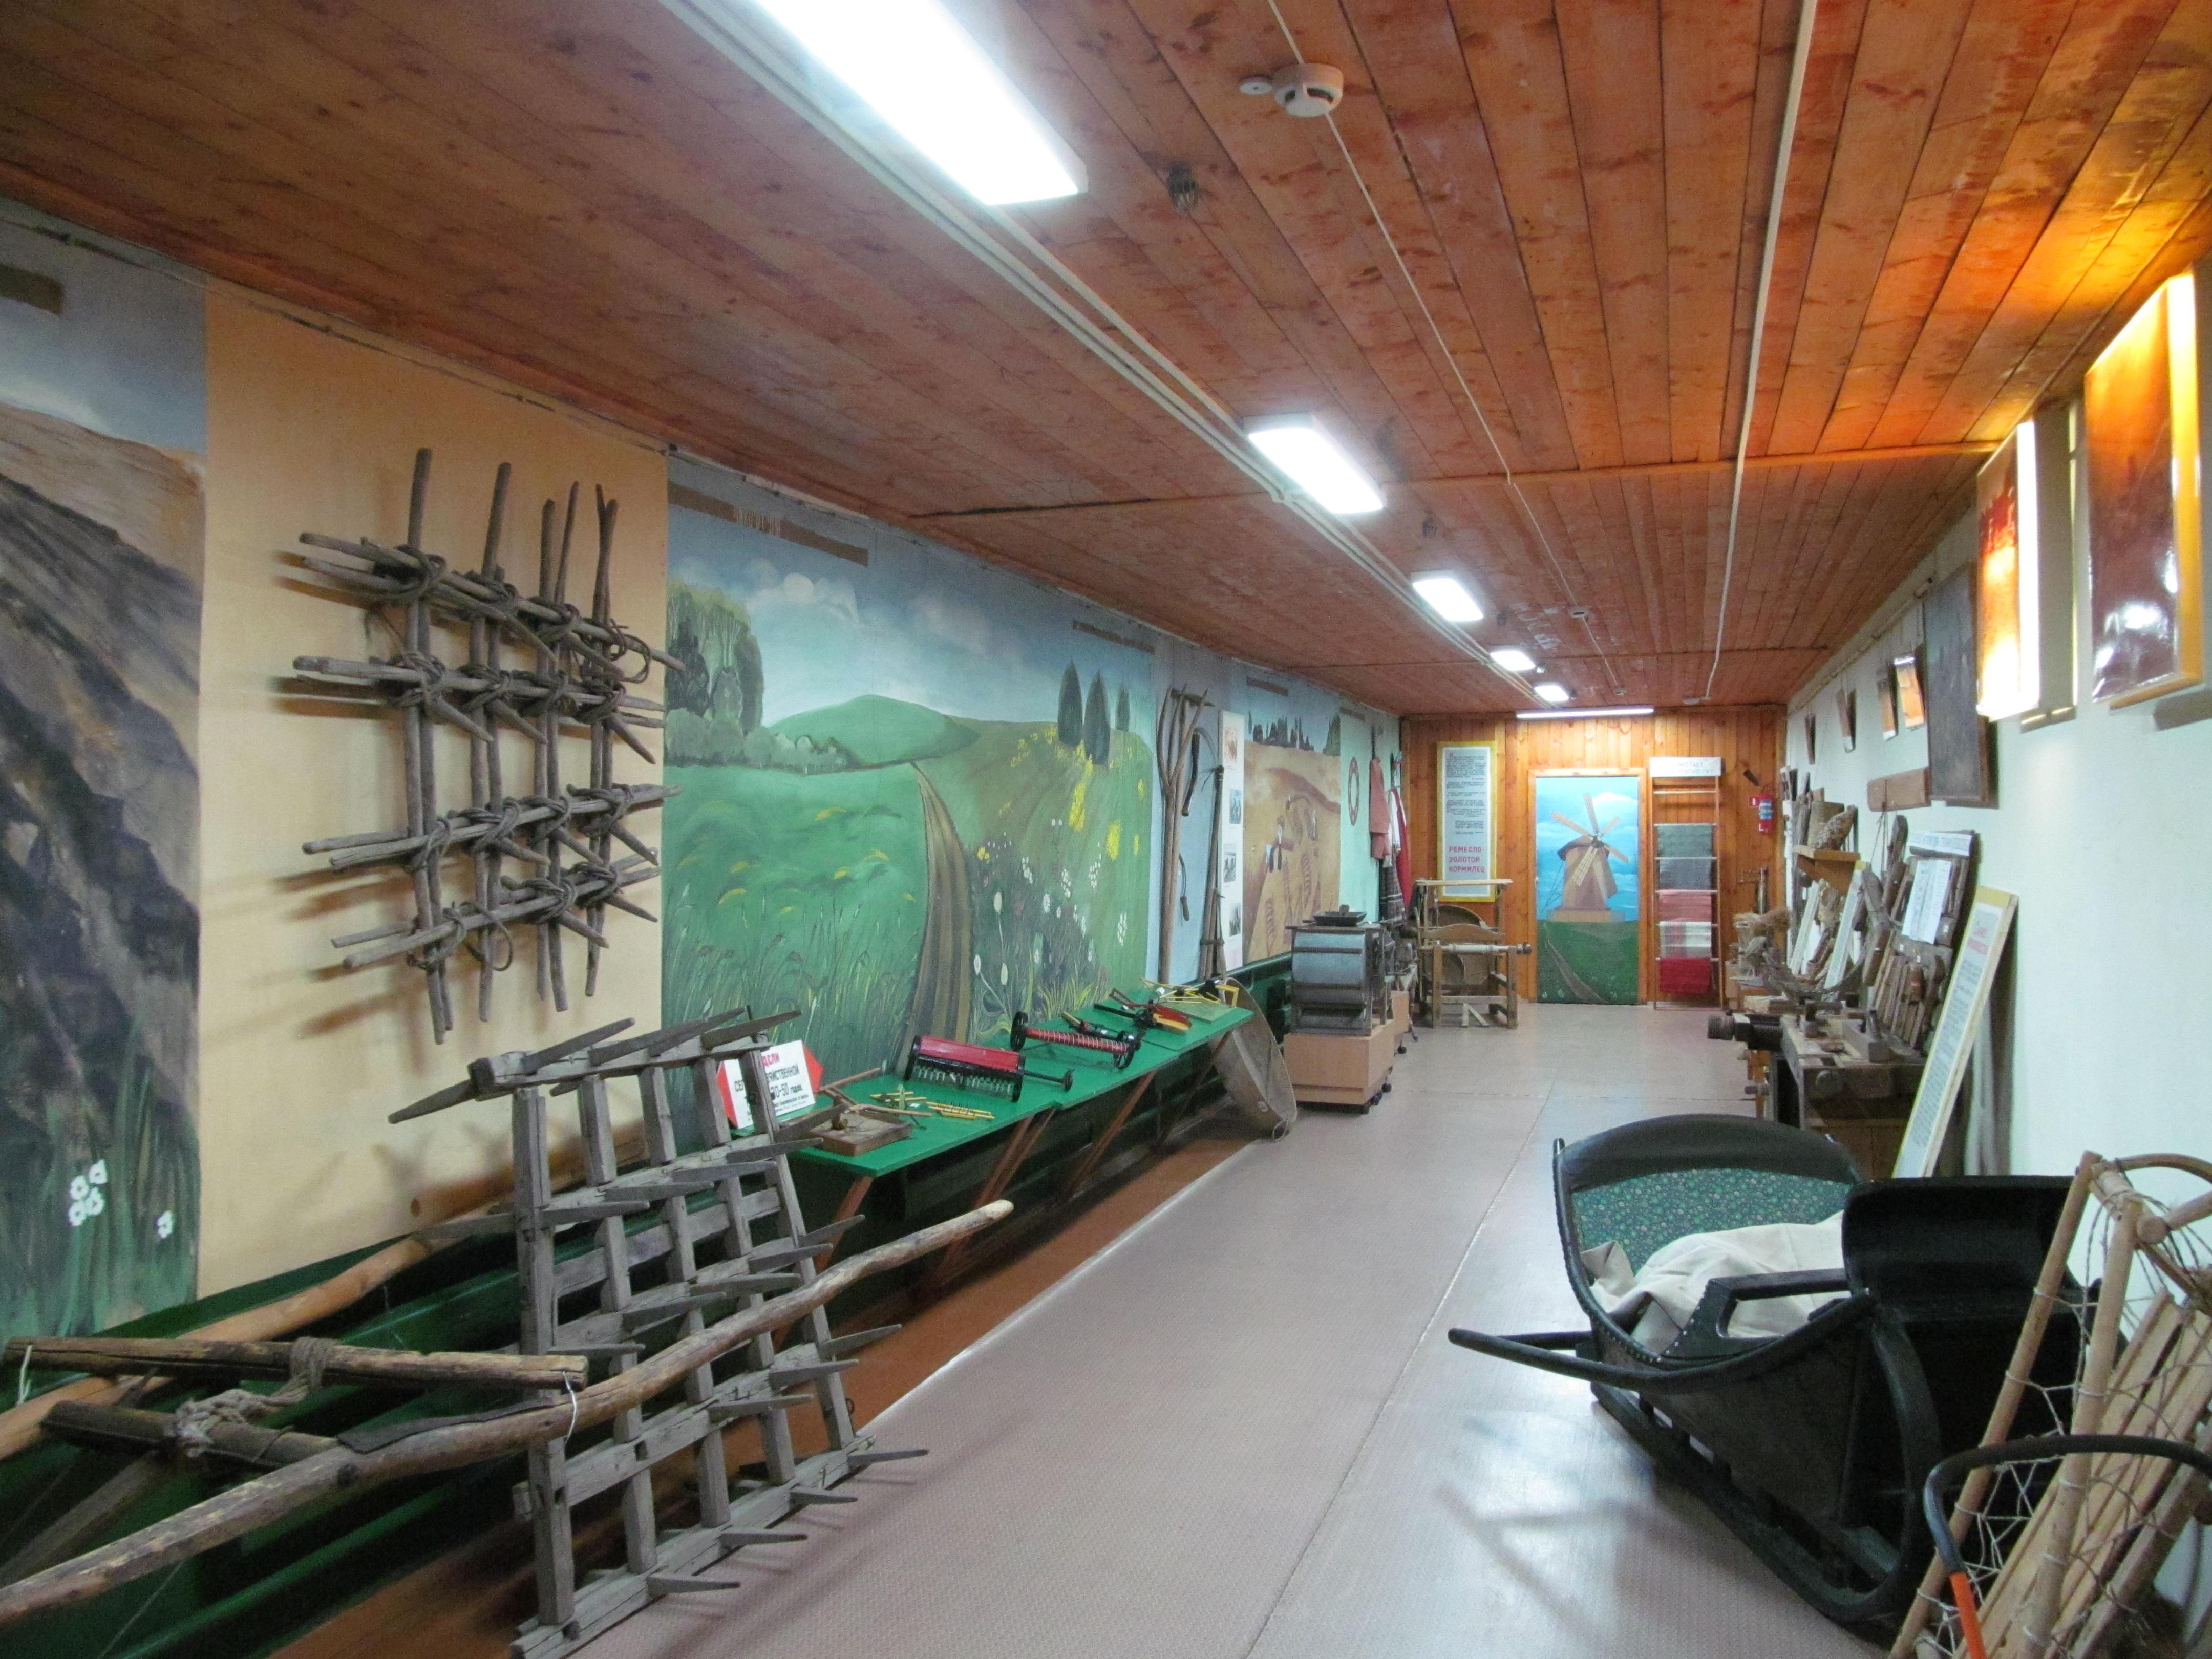 Специалисты «Кировэнерго» провели работы по организации освещения Музея истории крестьянства имени А.М. Ронжина в Котельничском районе